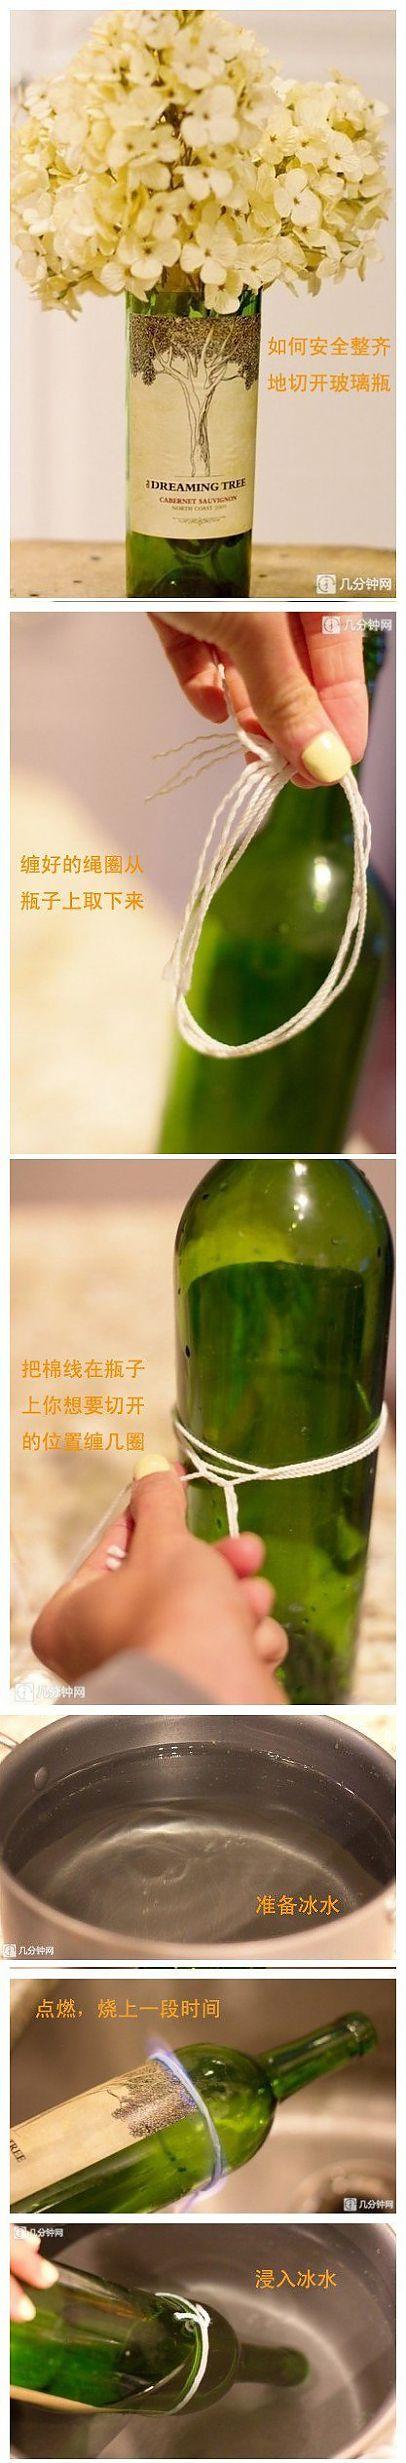 Как разрезать бутылку – лучшие способы и самые эффективные методы резки бутылочного стекла (90 фото)